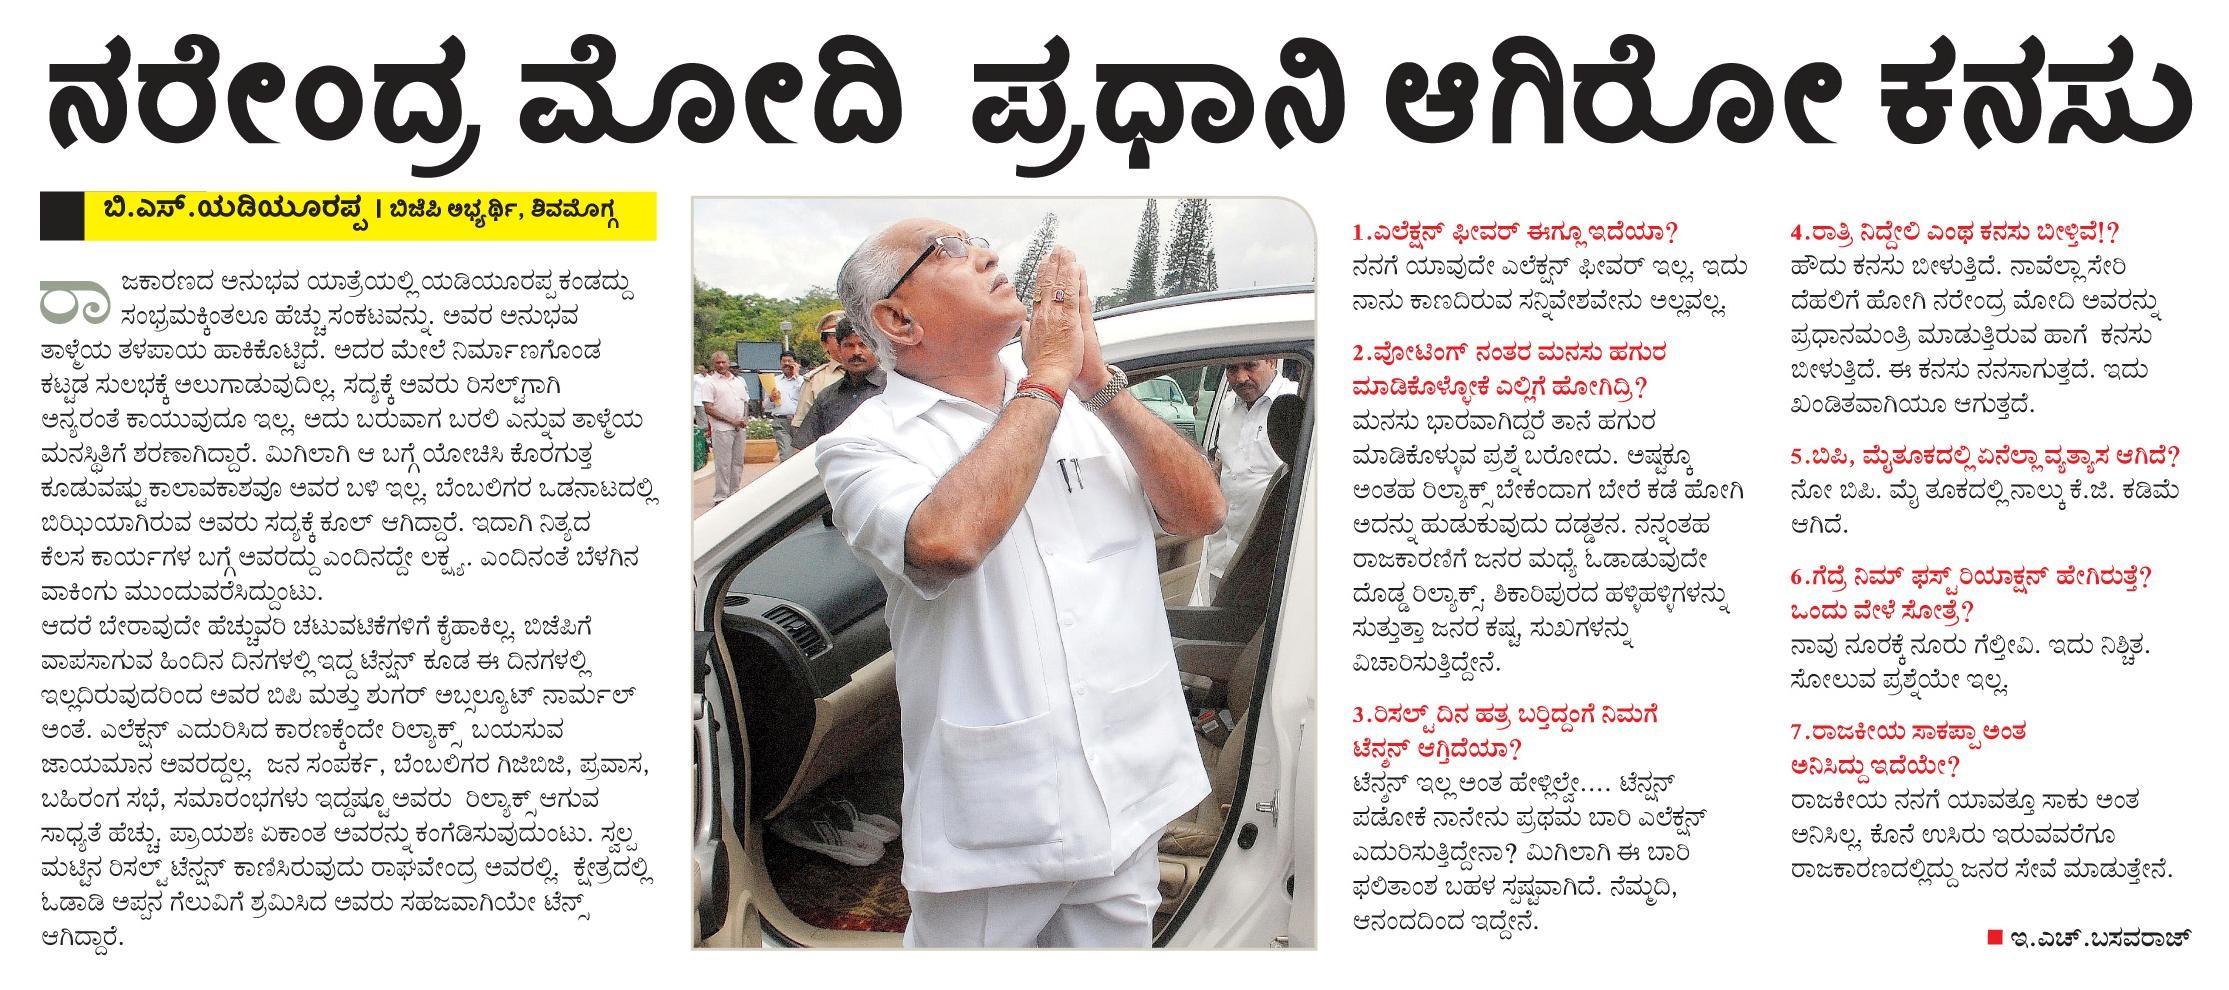 ವಿಜಯ್ NEXT 09-05-2014, ಪುಟ 5